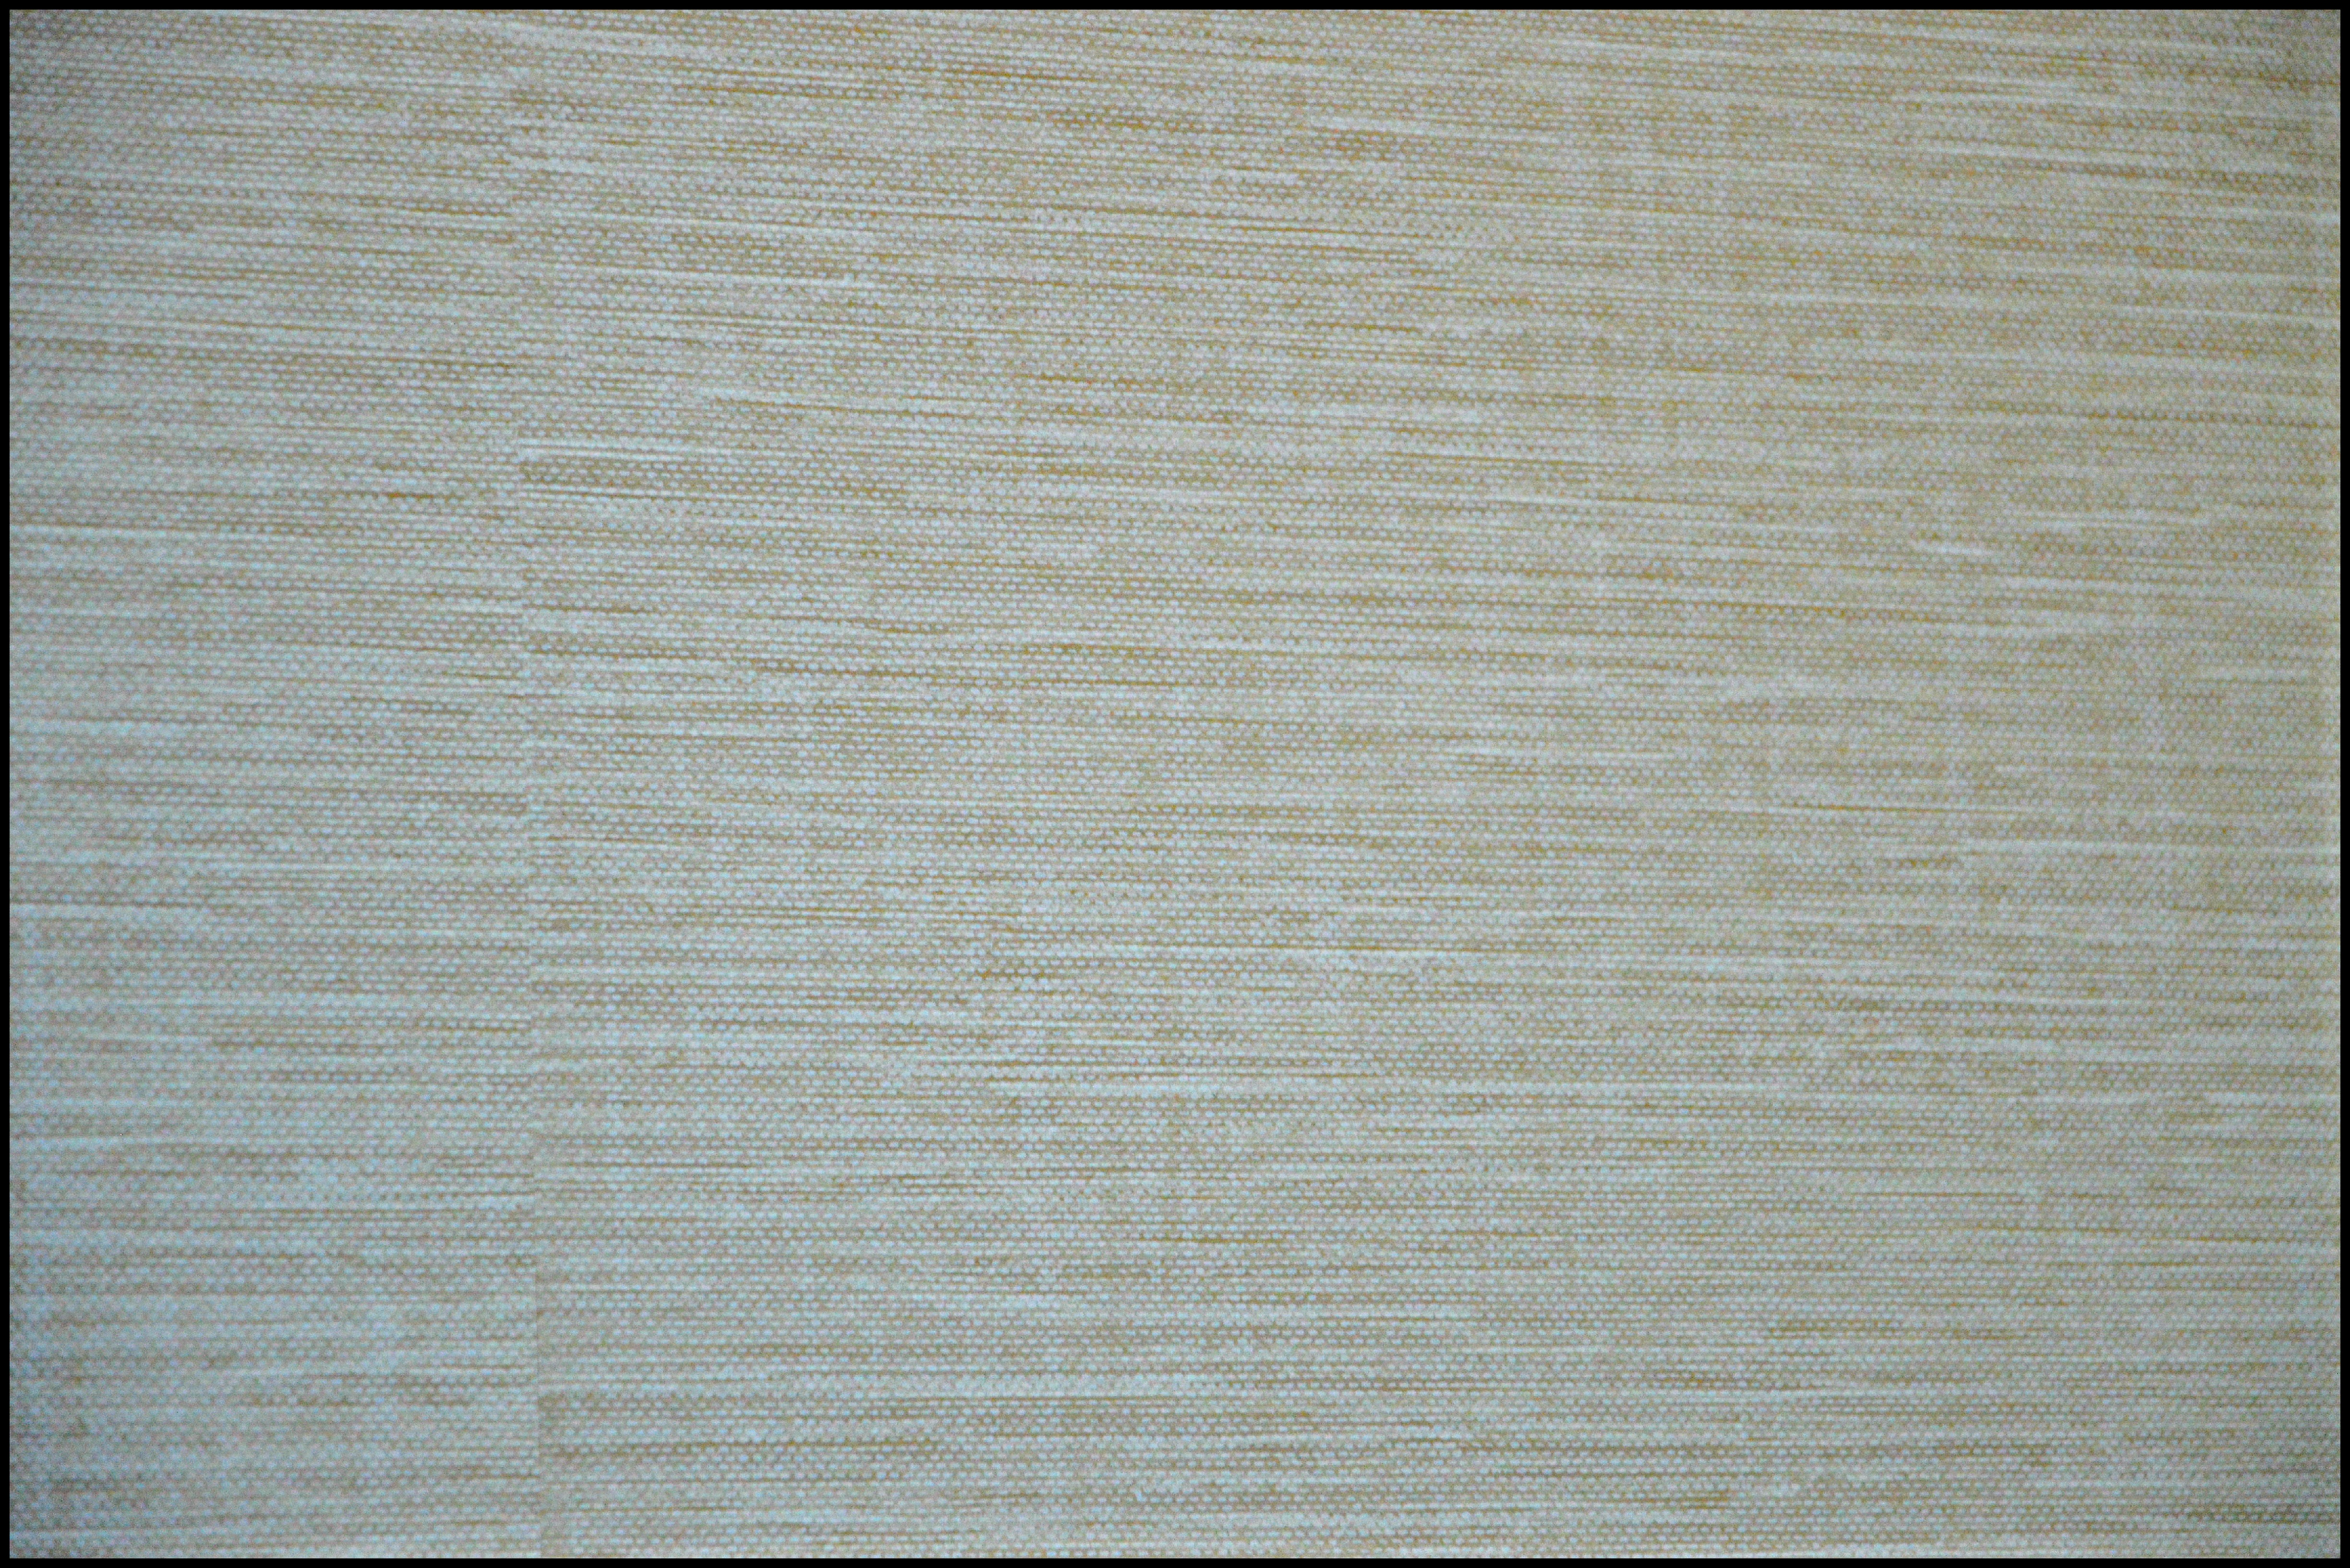 Nieuw jaar nieuw huis geensteekjelos - Behang patroon voor de slaapkamer ...